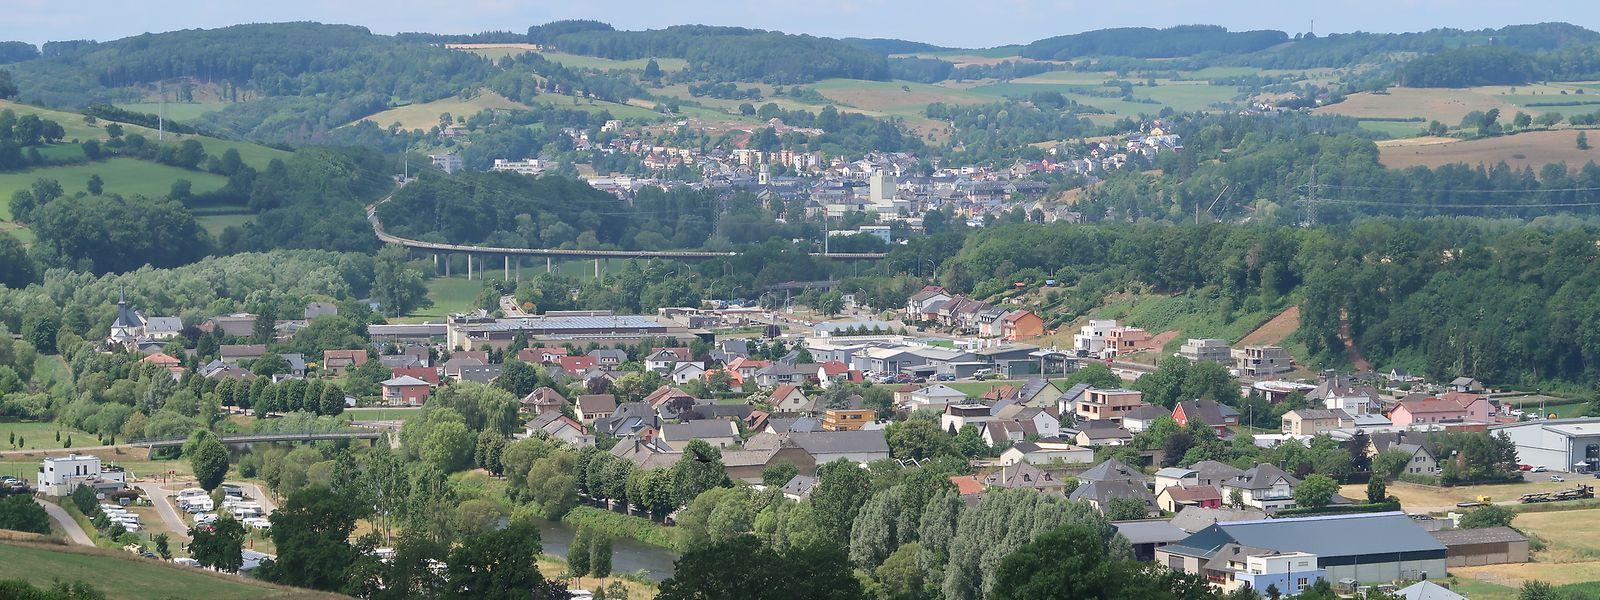 In der Nordstad sorgte die bedeutende Erhöhung des Grundsteuerhebesatzes in Diekirch um das 20-fache teilweise auf Befremden.